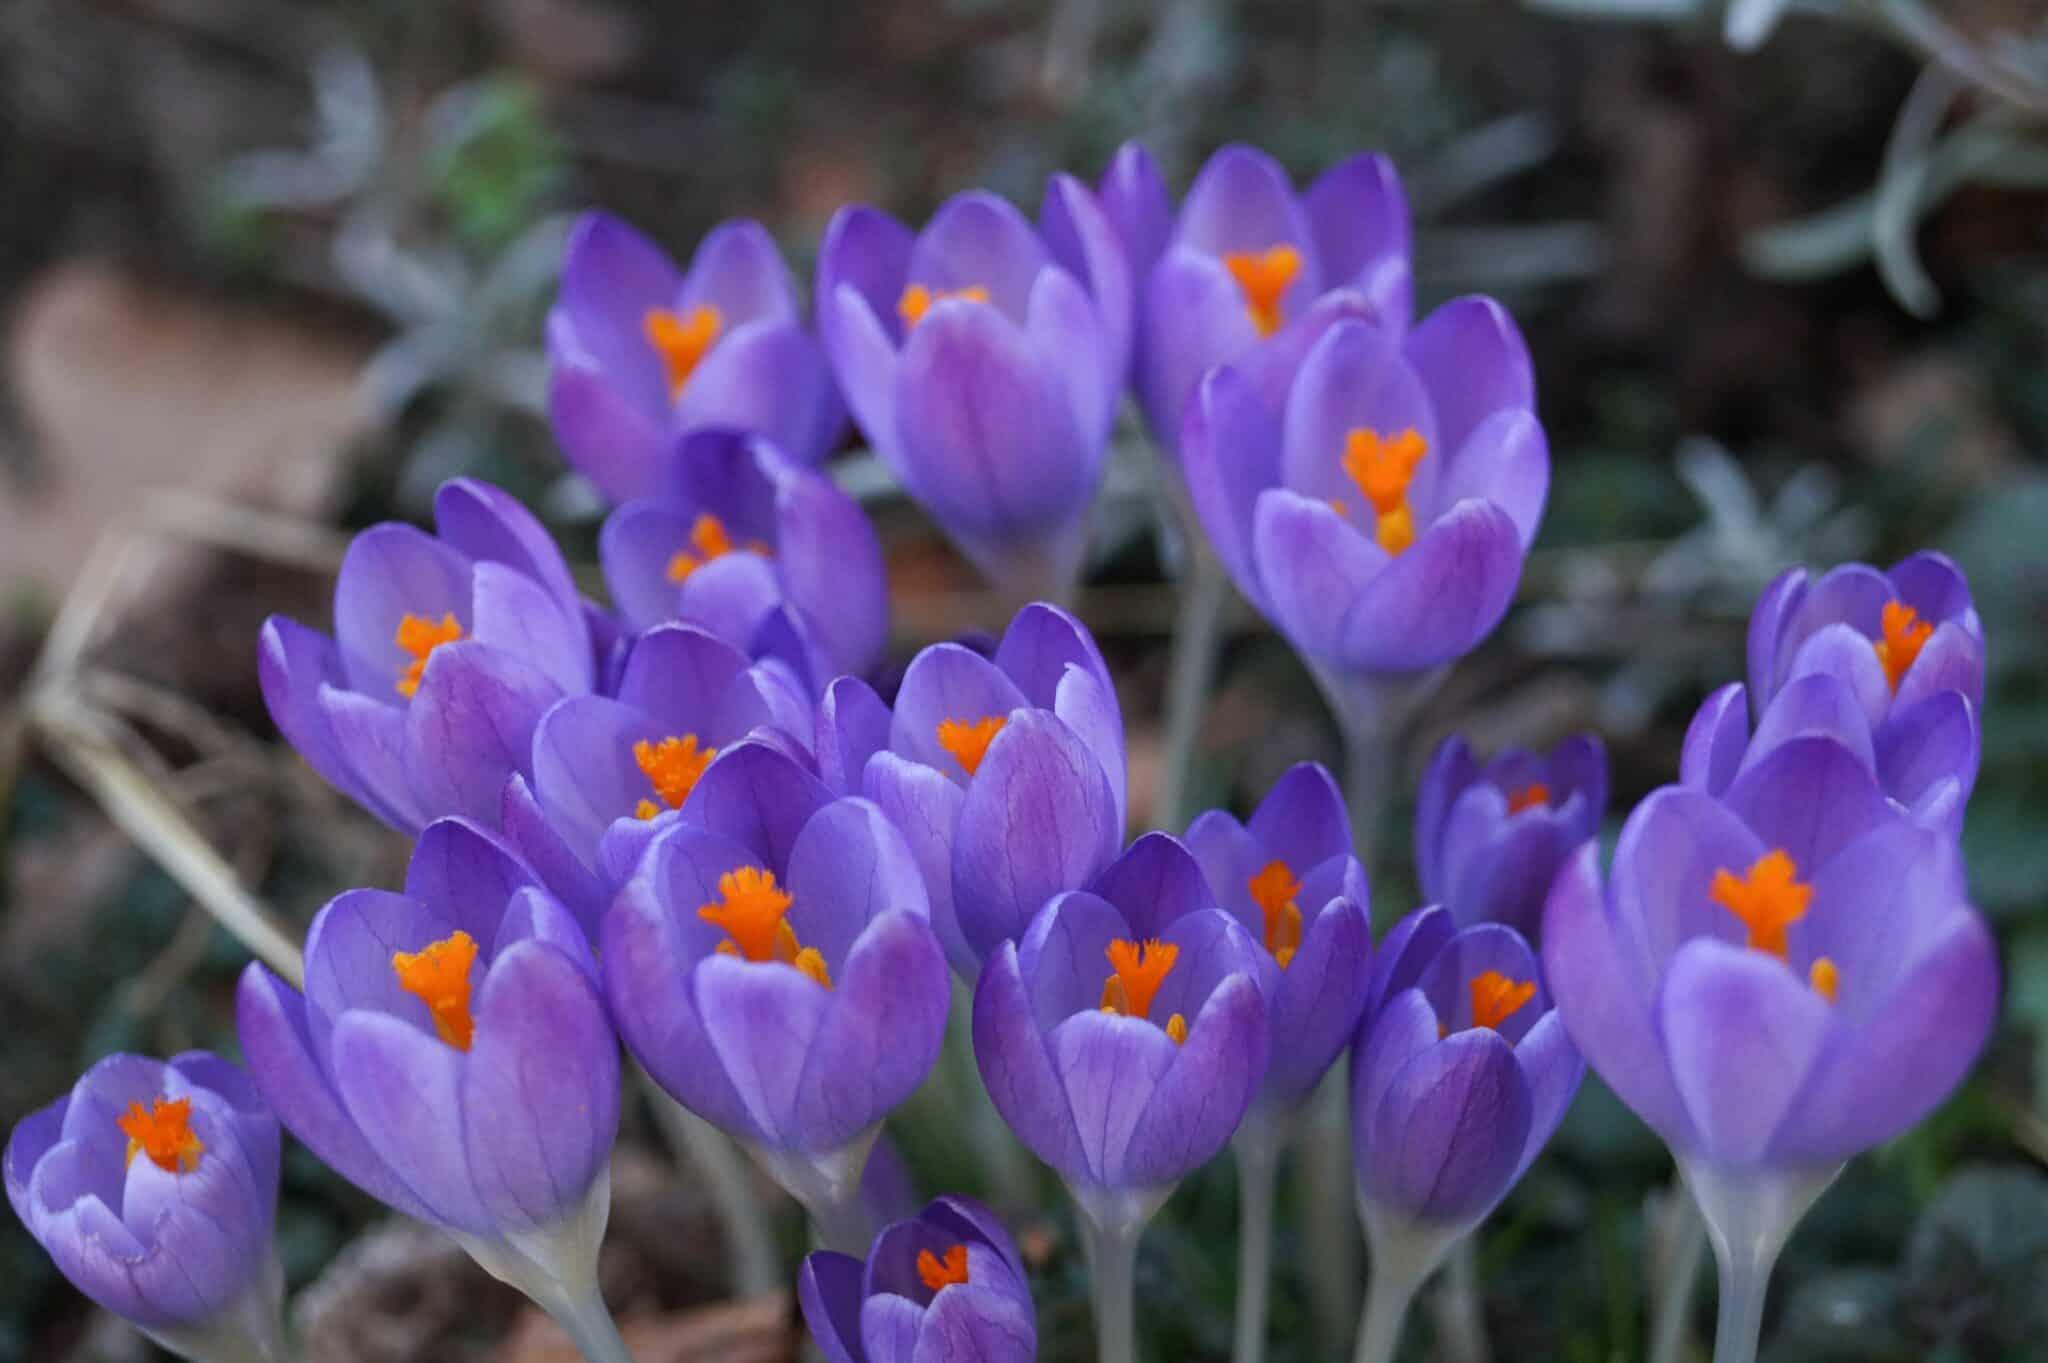 crocus symbolic flowers